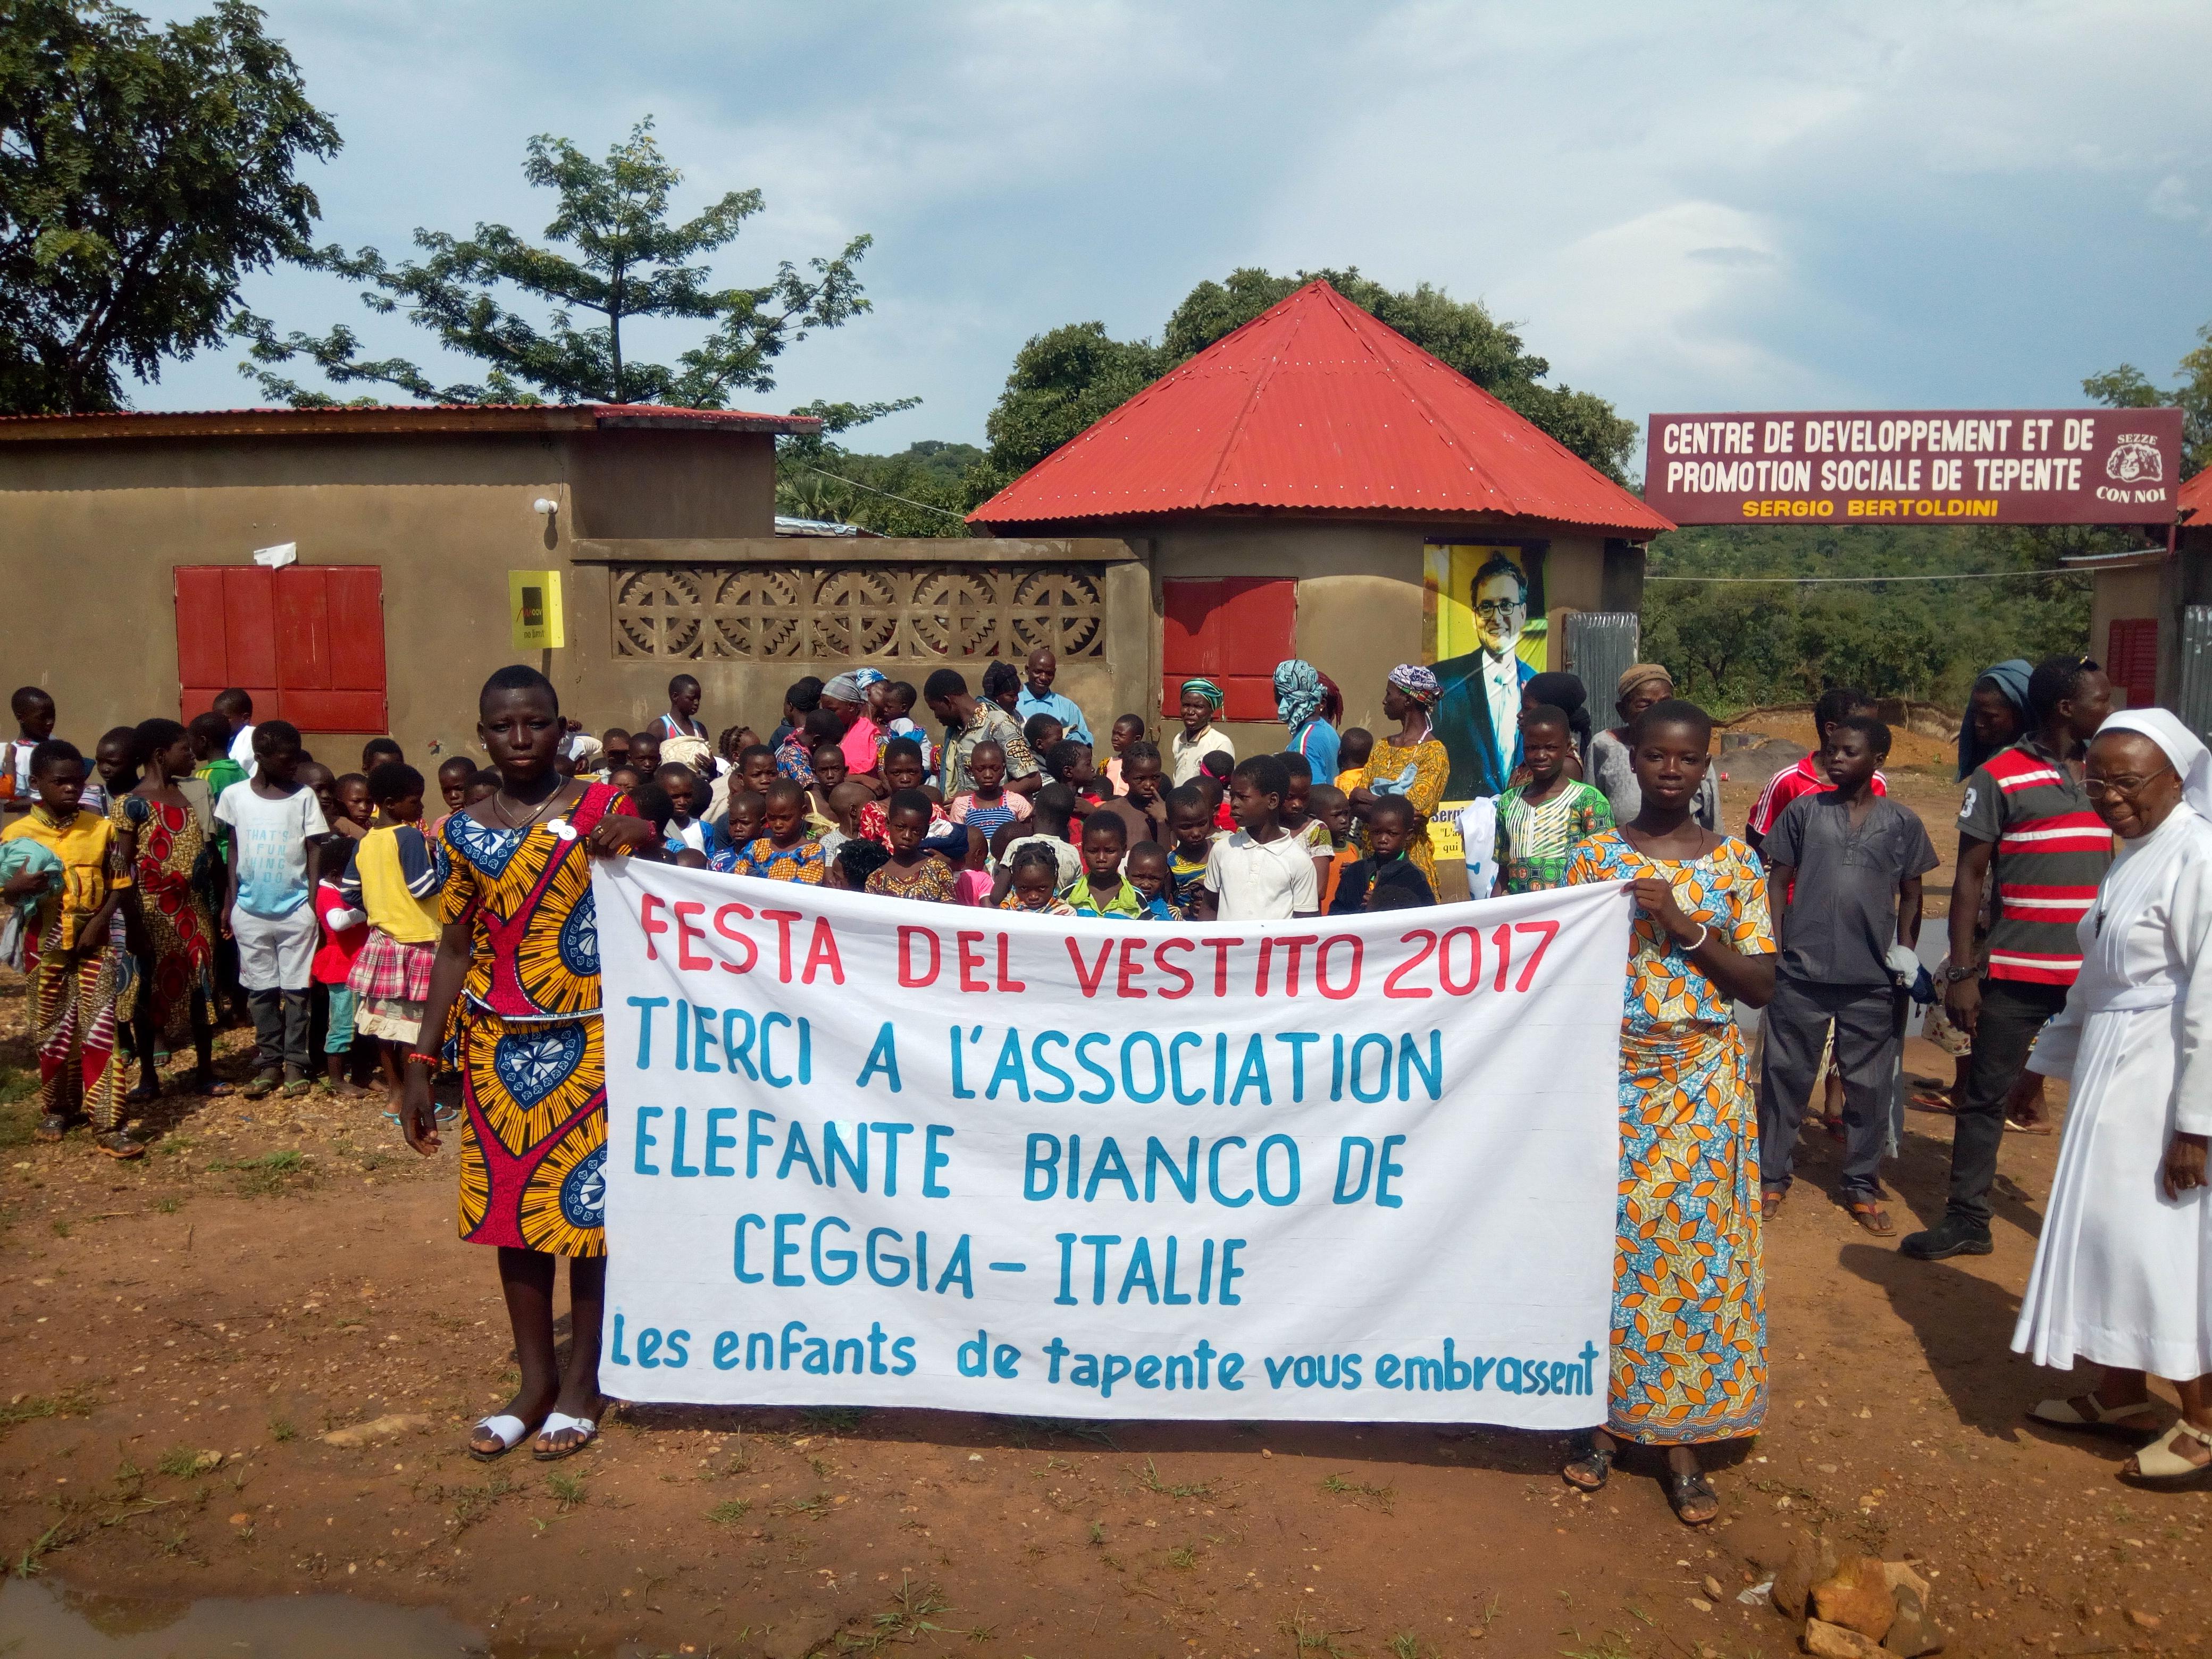 Festa del Vestito 2017 in Benin